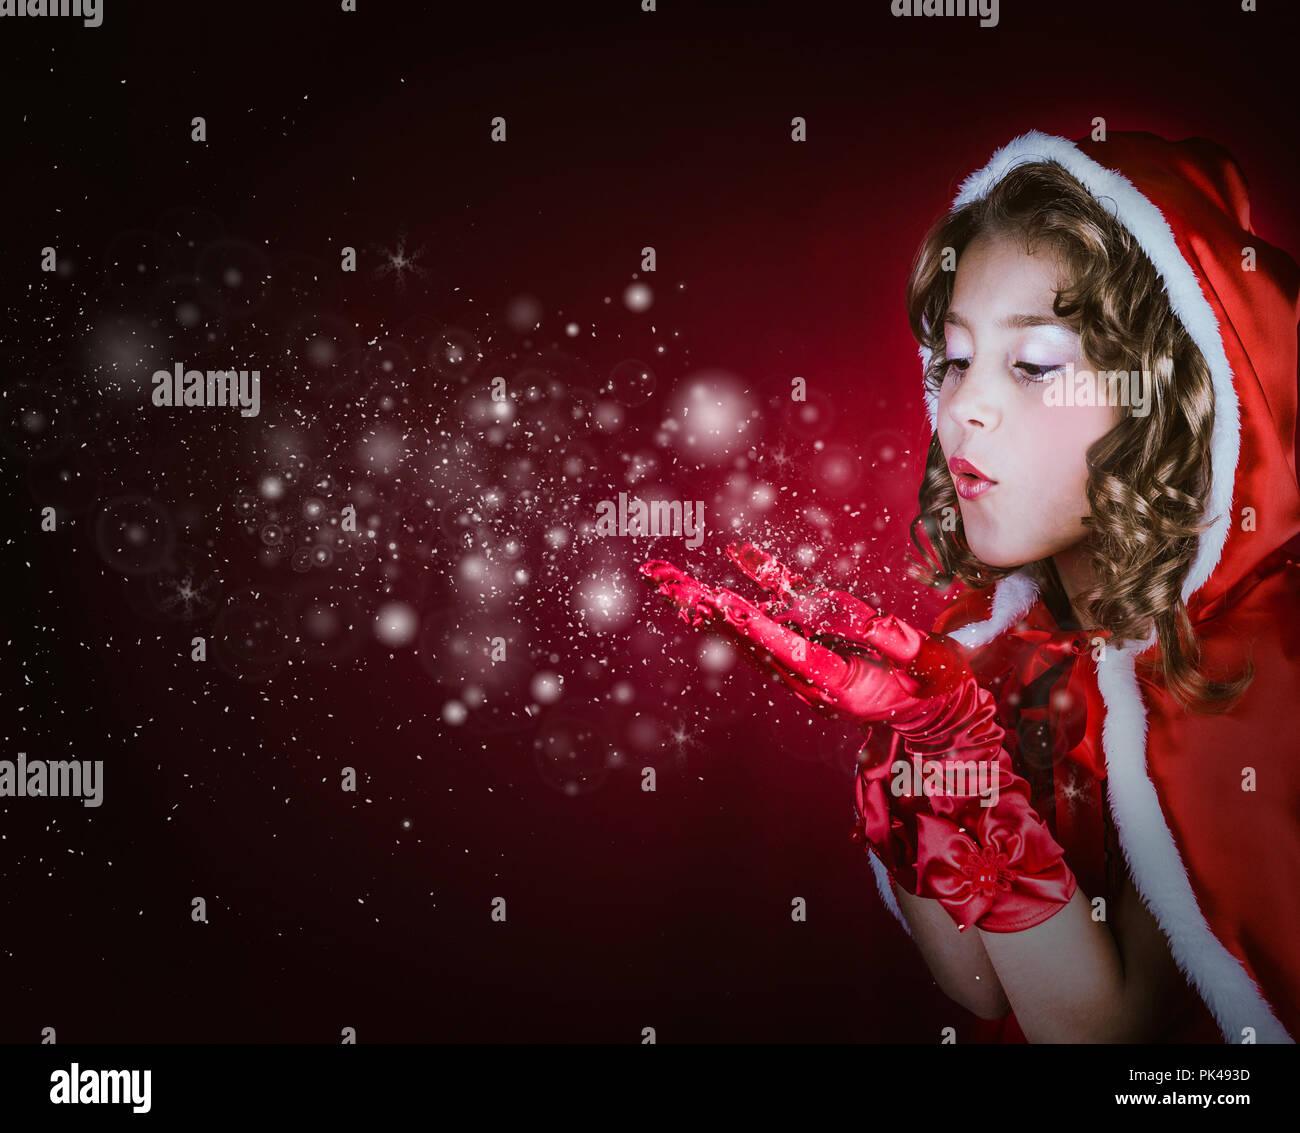 80b647f8ff957 Bambina indossa Santa Claus costume whispering fiocchi di neve su uno  sfondo rosso